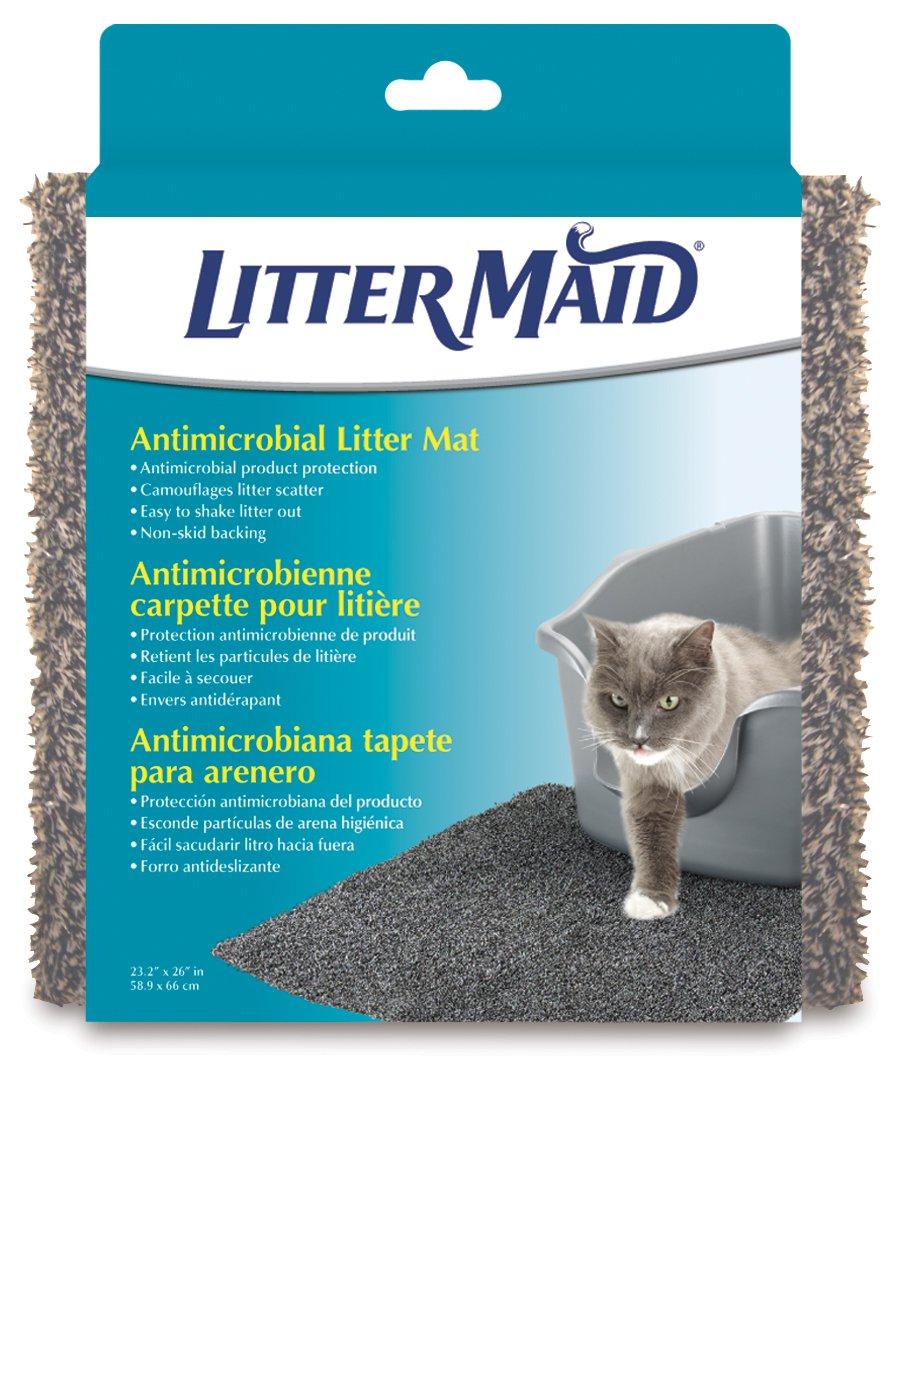 LitterMaid Litter Mat, 23.2 by 26-Inch